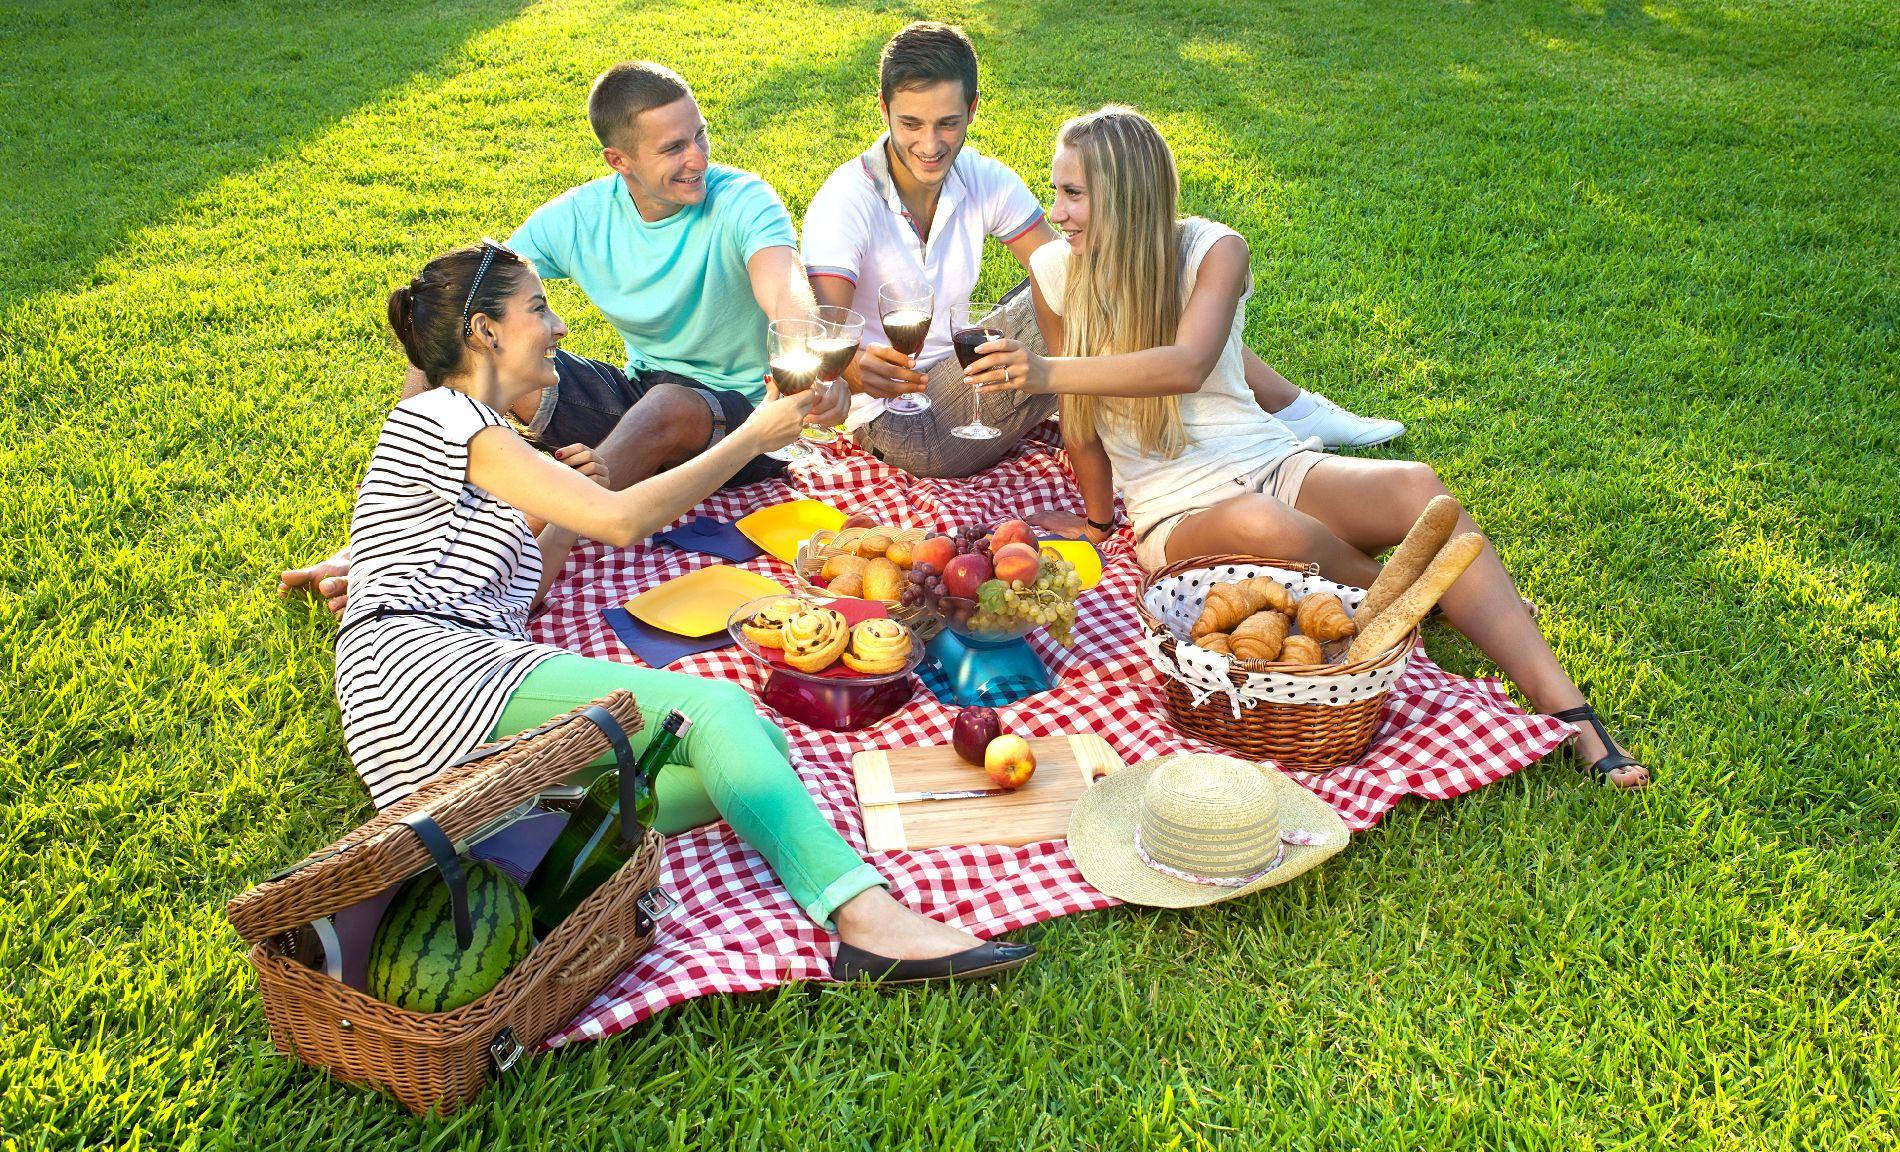 же, первый пикник картинки отдых на природе компания холодильник стоят дёшево